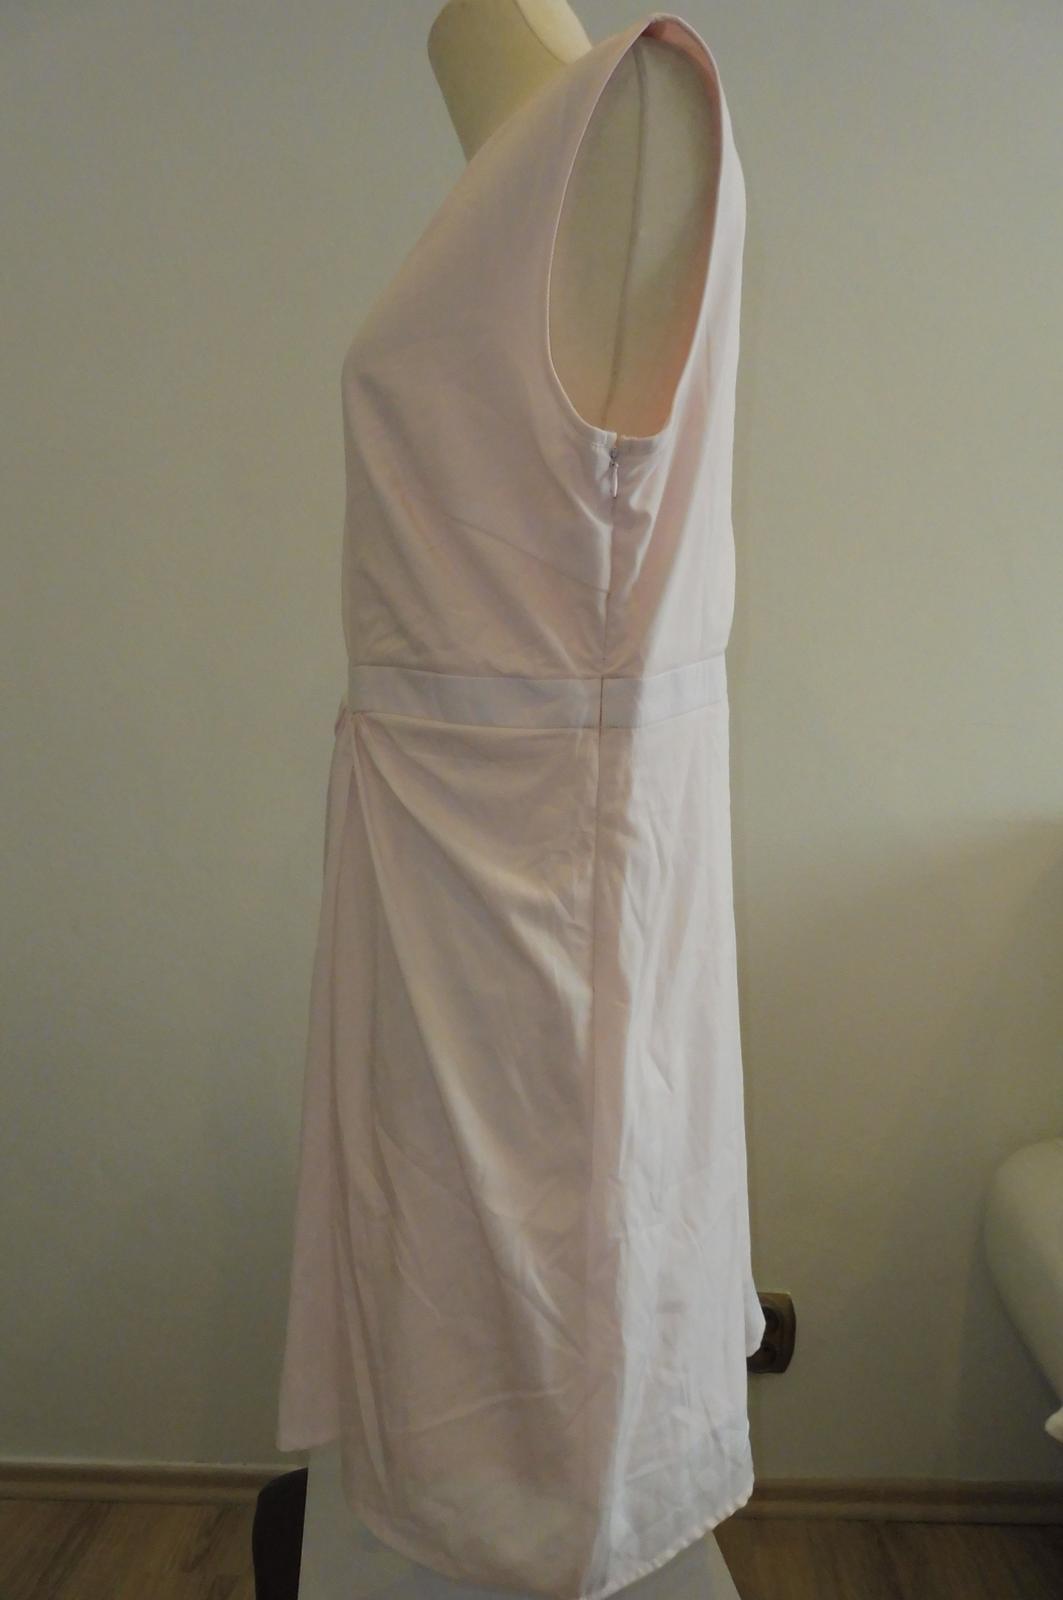 růžové šaty BPX vel.44 - Obrázek č. 3